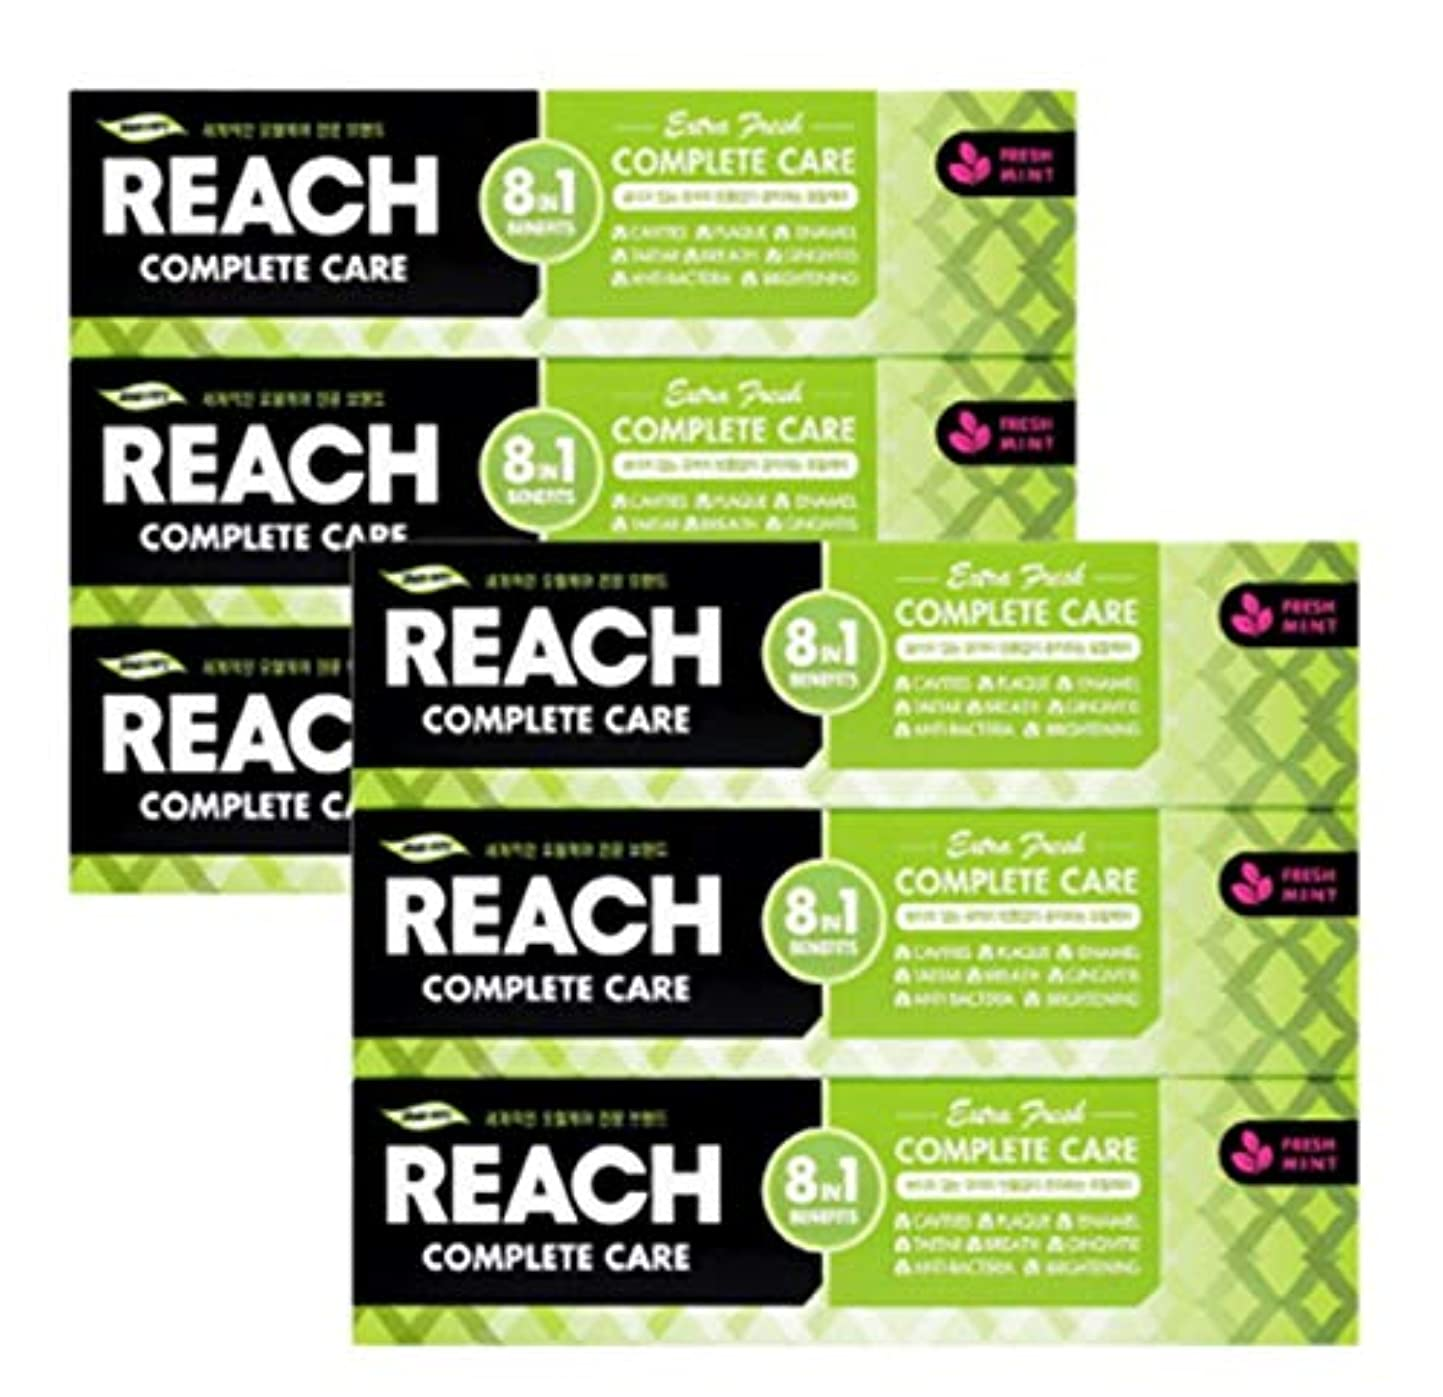 予算決済挑発する[LG生活と健康] LG Rich Complete Care Toothpaste Extra Freshリッチコンプリートケア歯磨き粉エクストラフレッシュ120gx6つの(海外直送品)